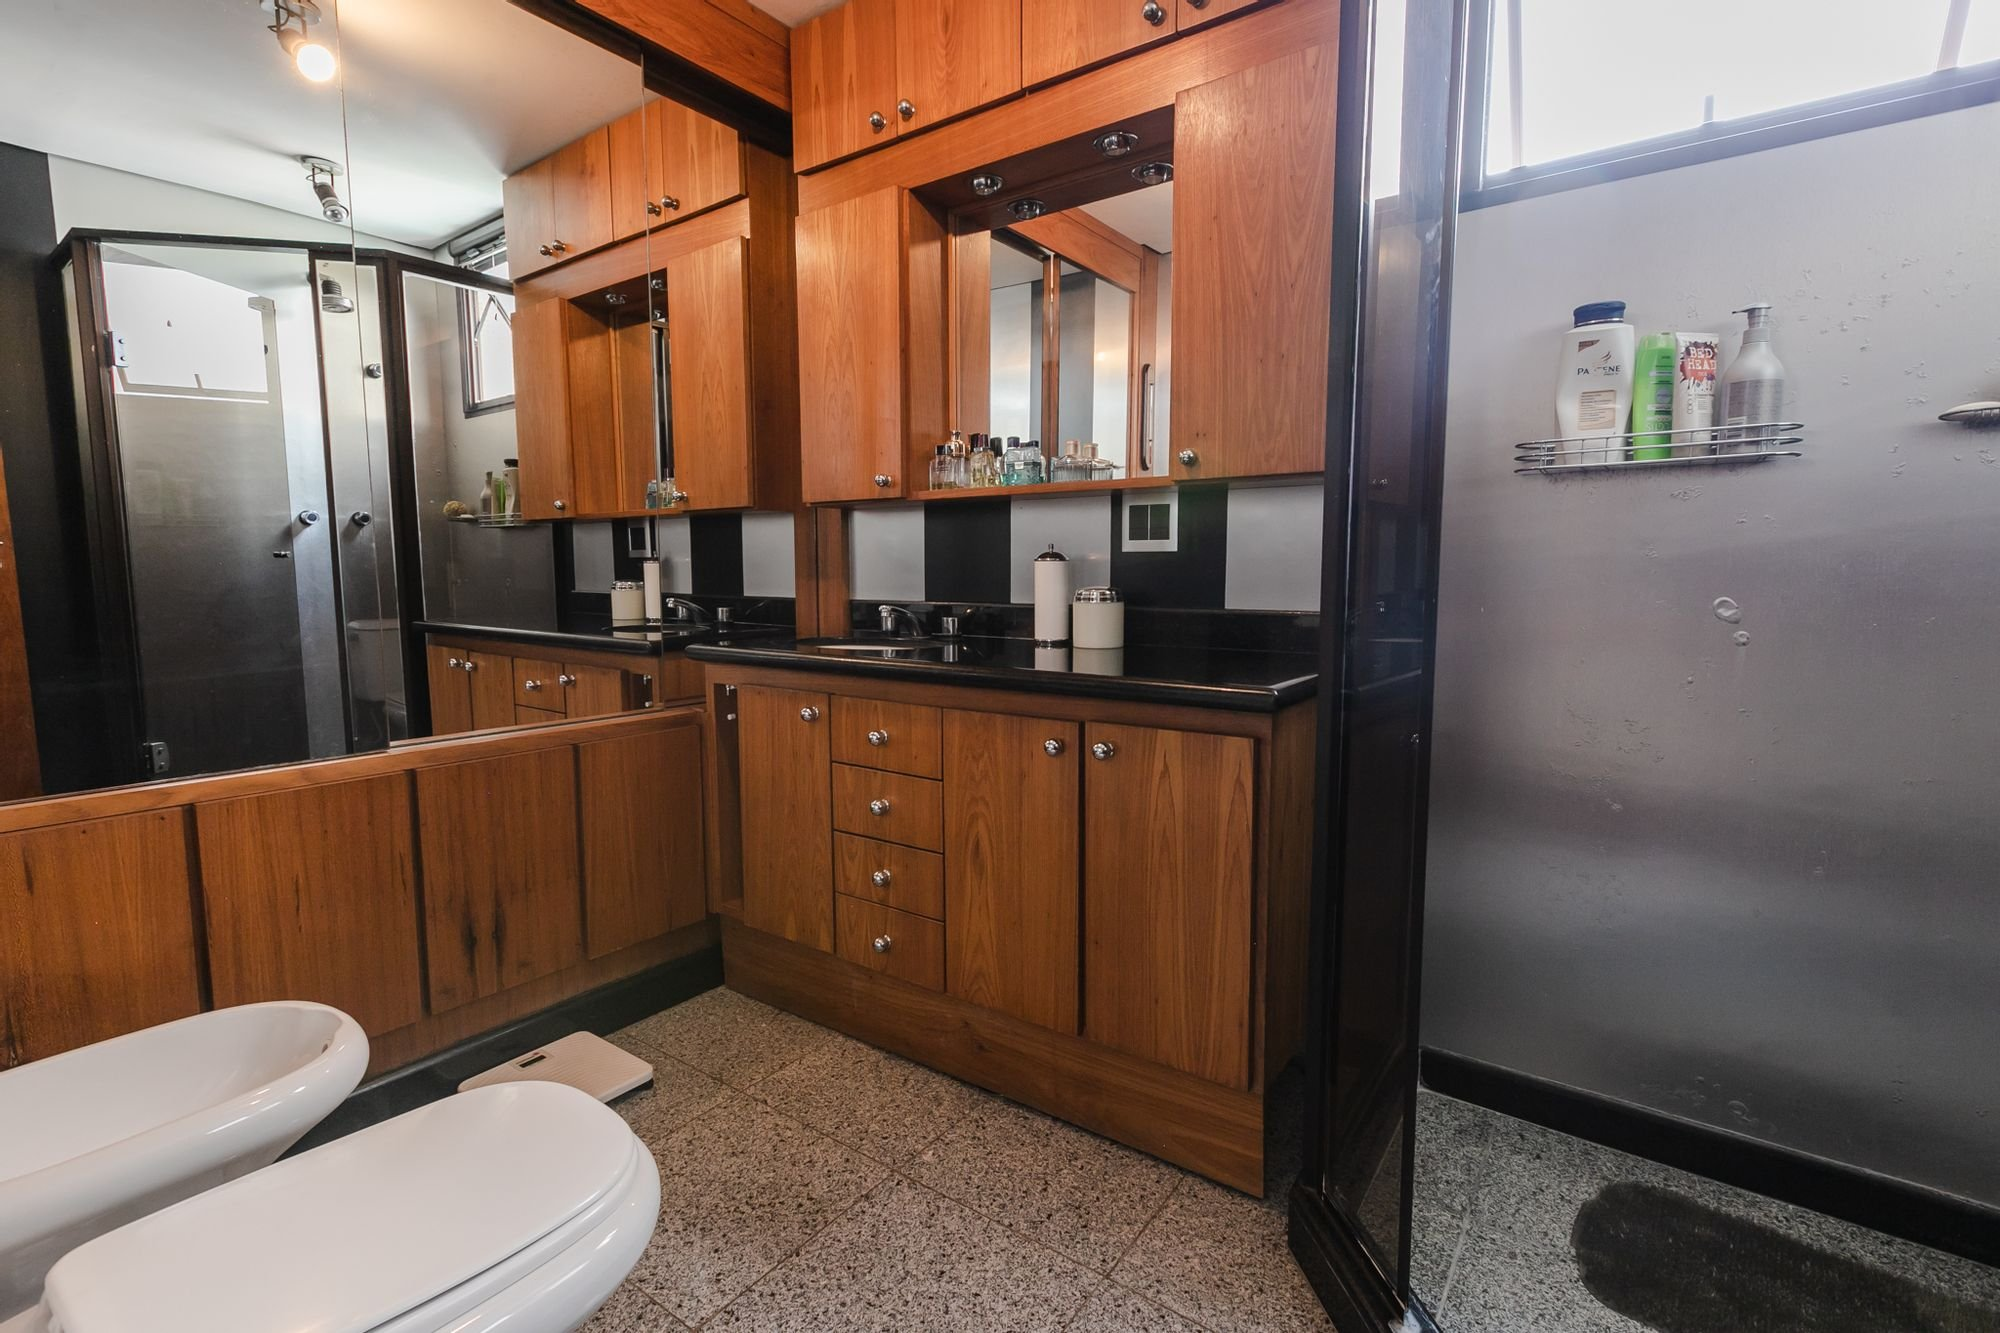 Foto de Cozinha com vaso sanitário, garrafa